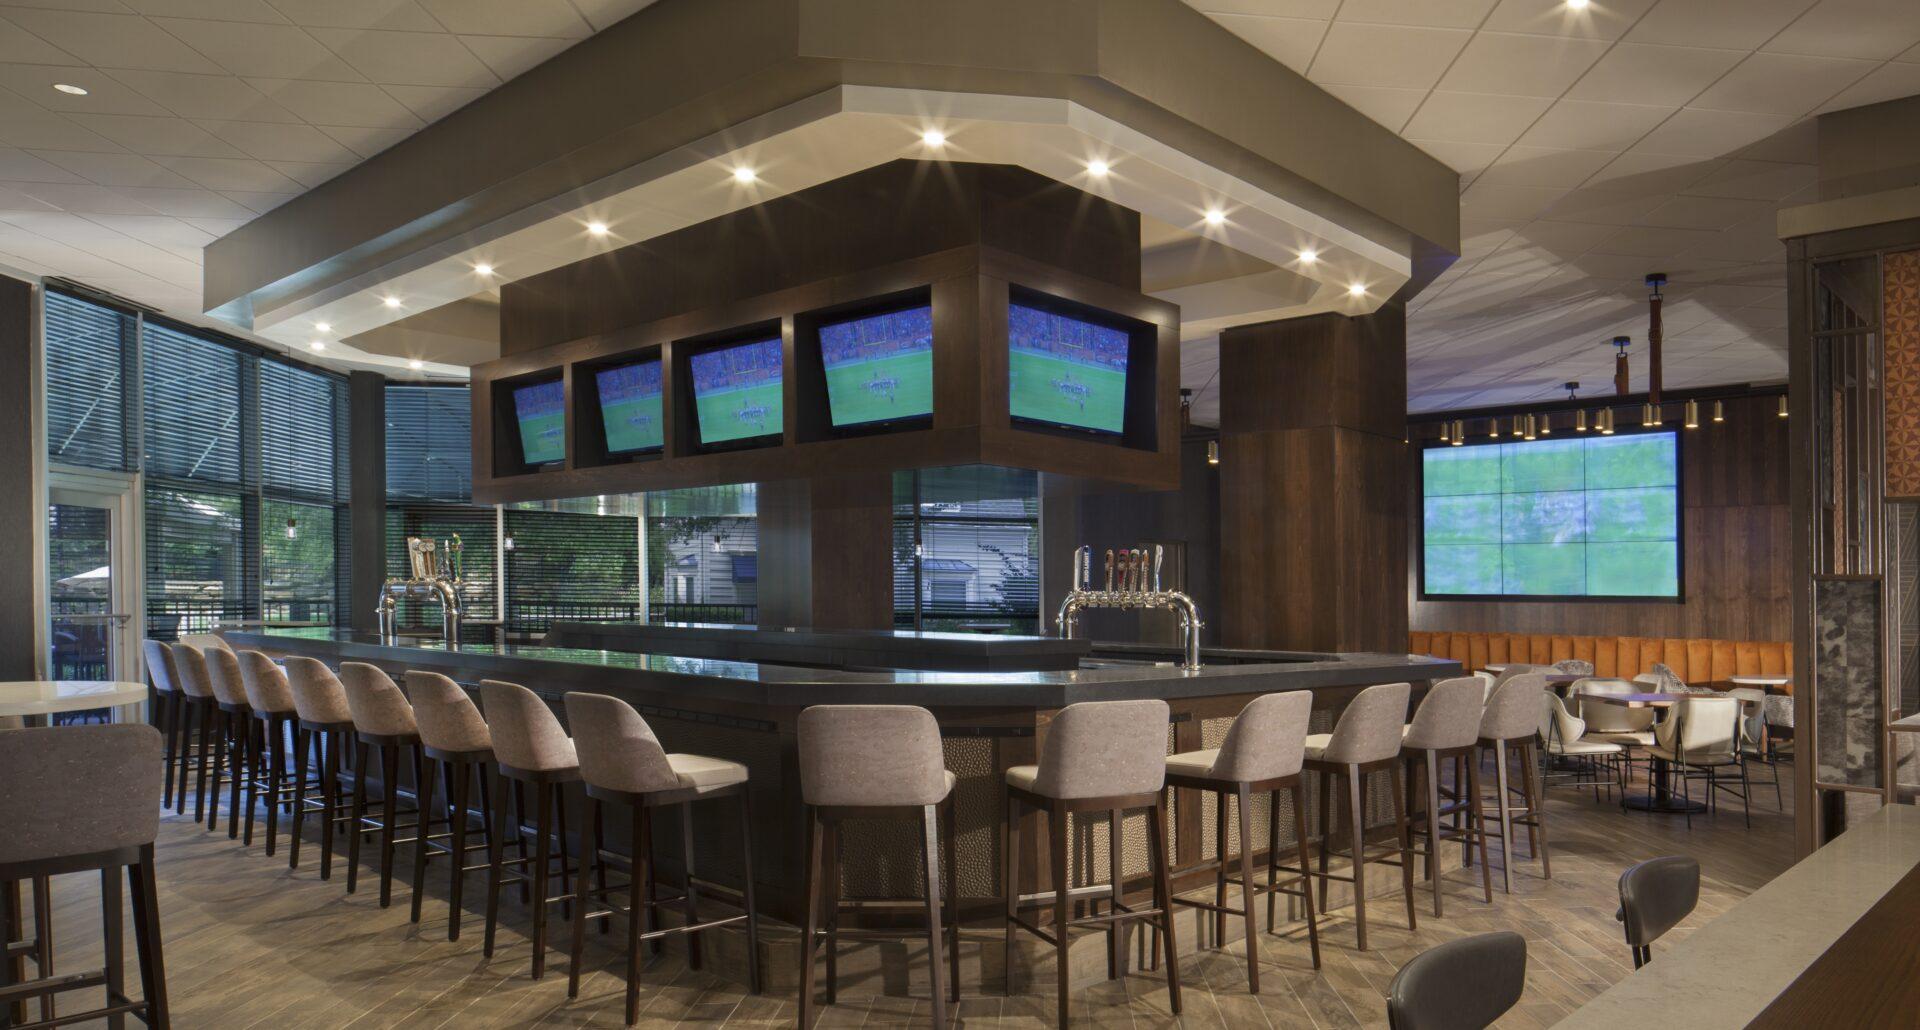 The Parkside Bar at the Sheraton Arlington in Arlington, TX